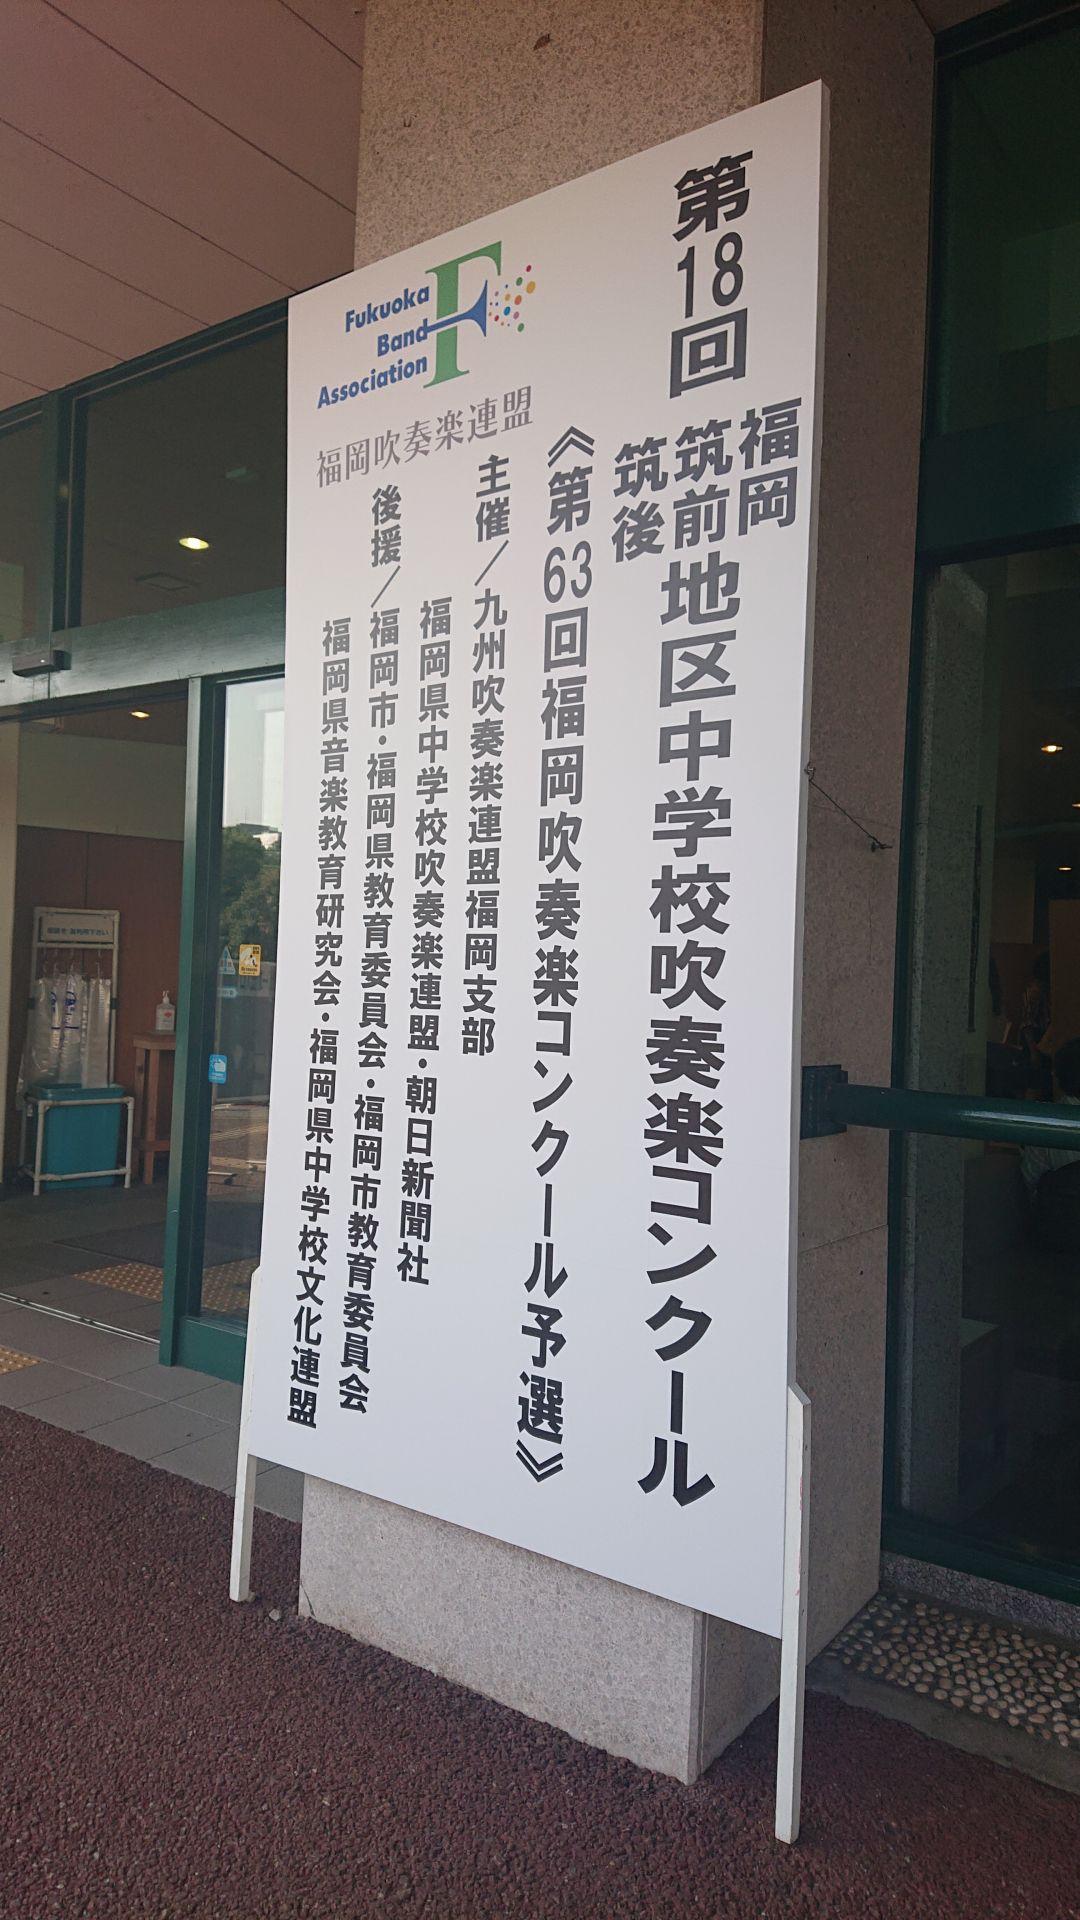 会 教育 委員 福岡 市